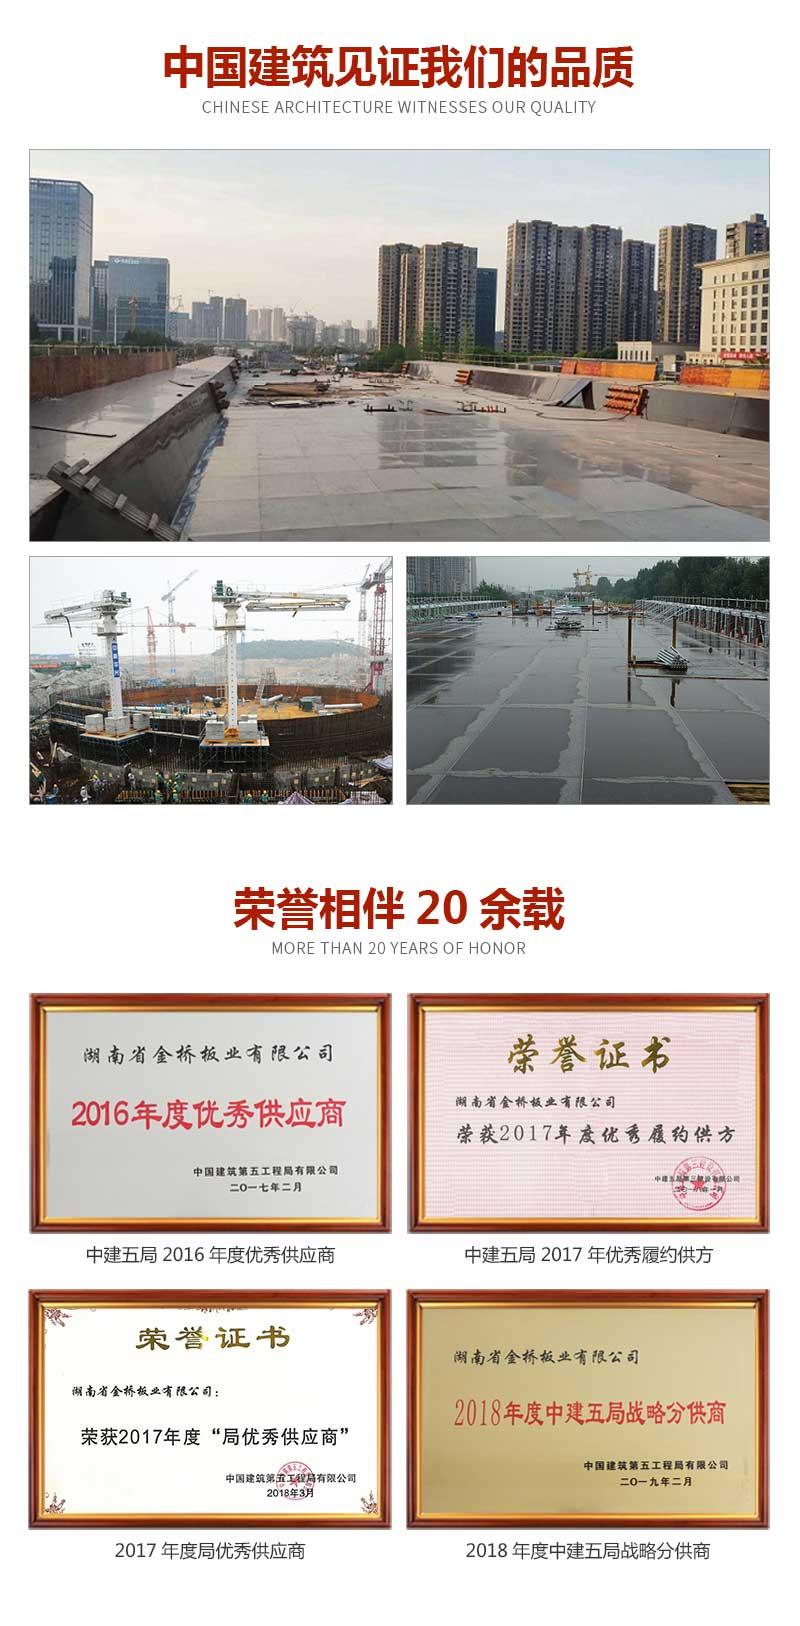 清水模板1.83*0.915*1.4金桥板业品质见证